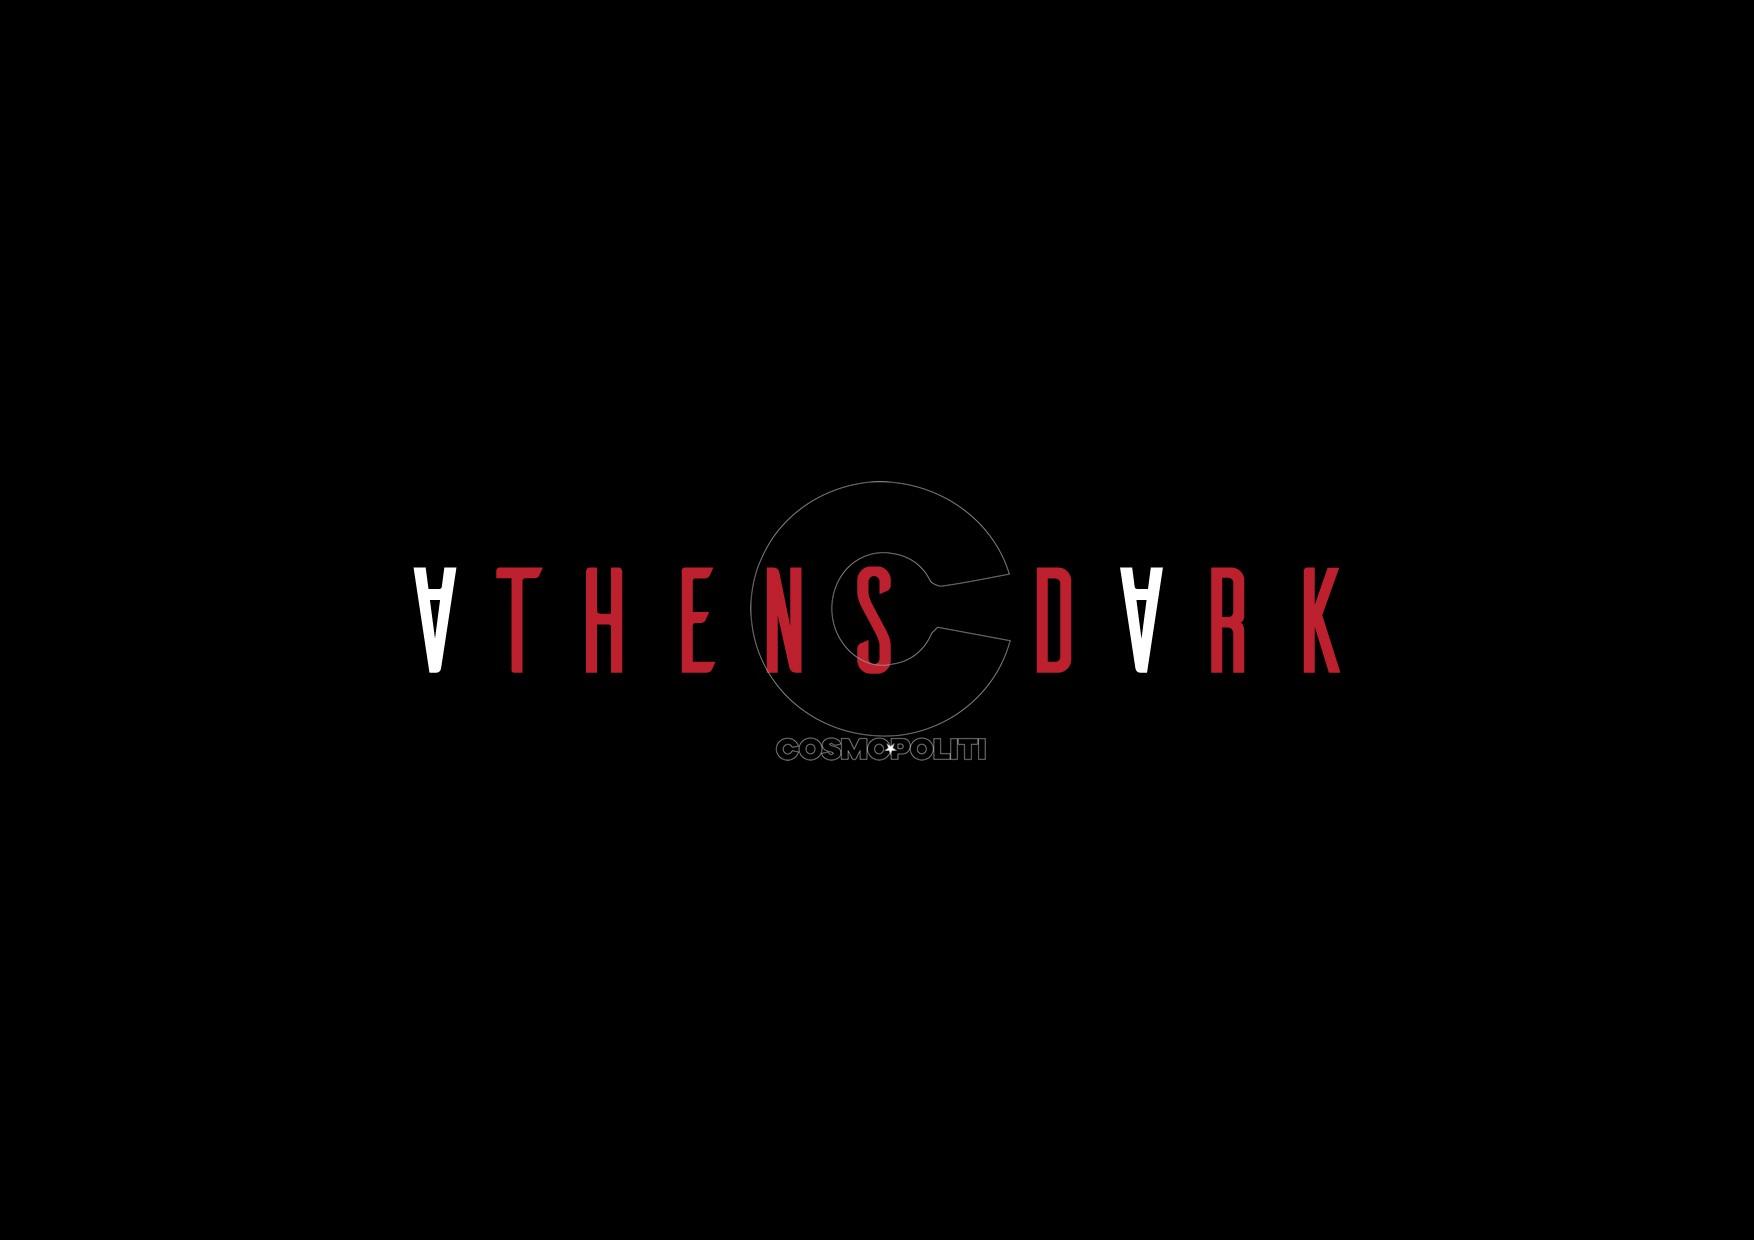 Athens dark_logo